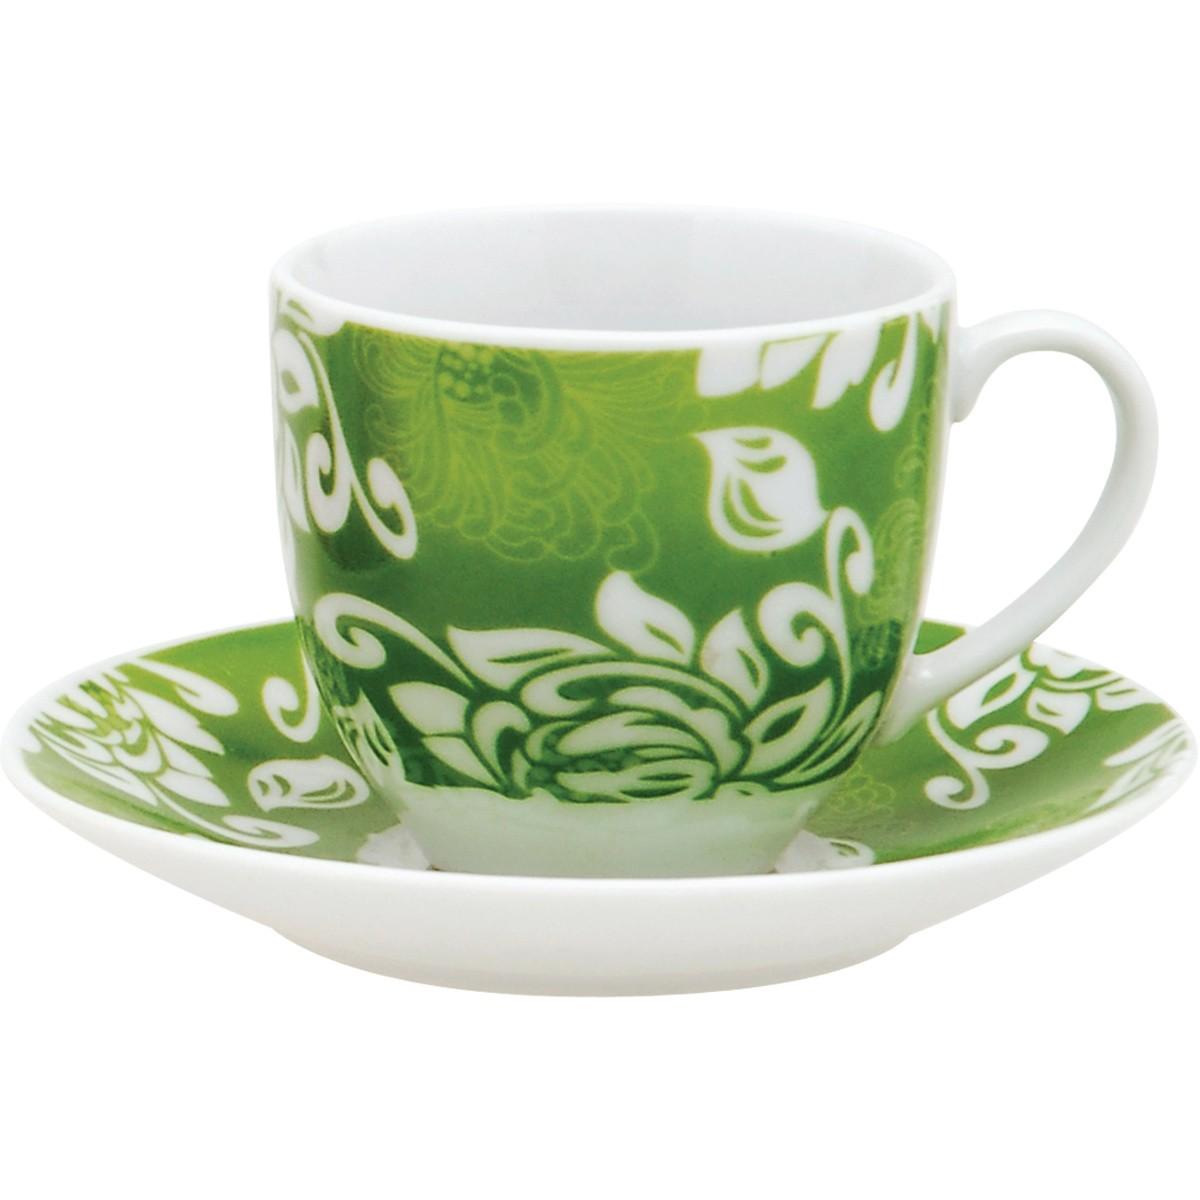 Φλυτζάνια Καφέ + Πιατάκια (Σετ 6τμχ) Home Design MOC27/789G